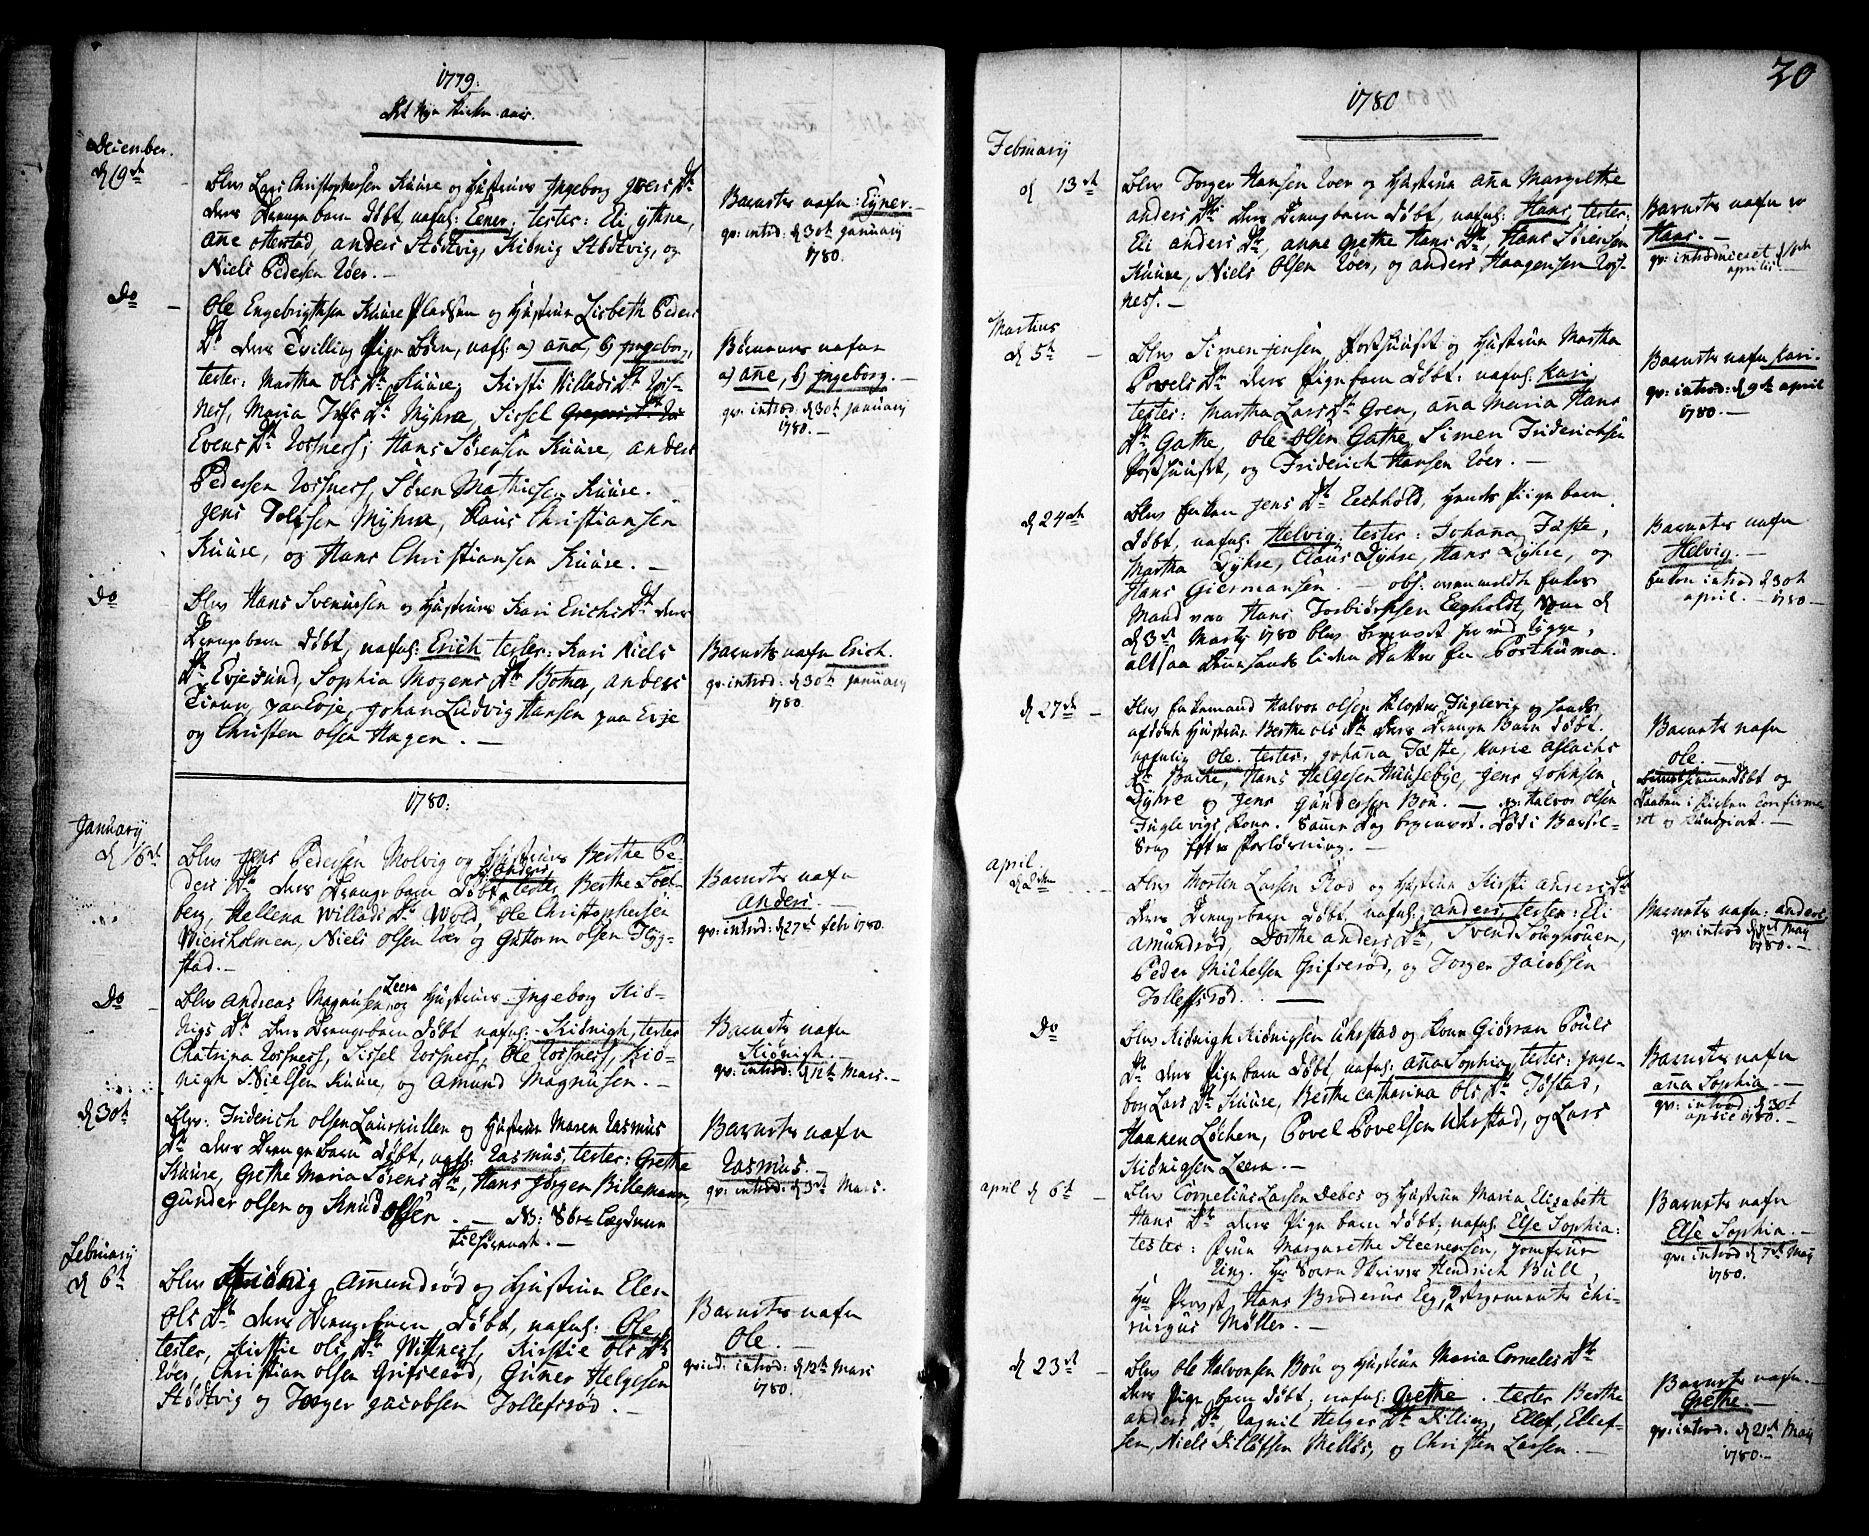 SAO, Rygge prestekontor Kirkebøker, F/Fa/L0002: Ministerialbok nr. 2, 1771-1814, s. 20